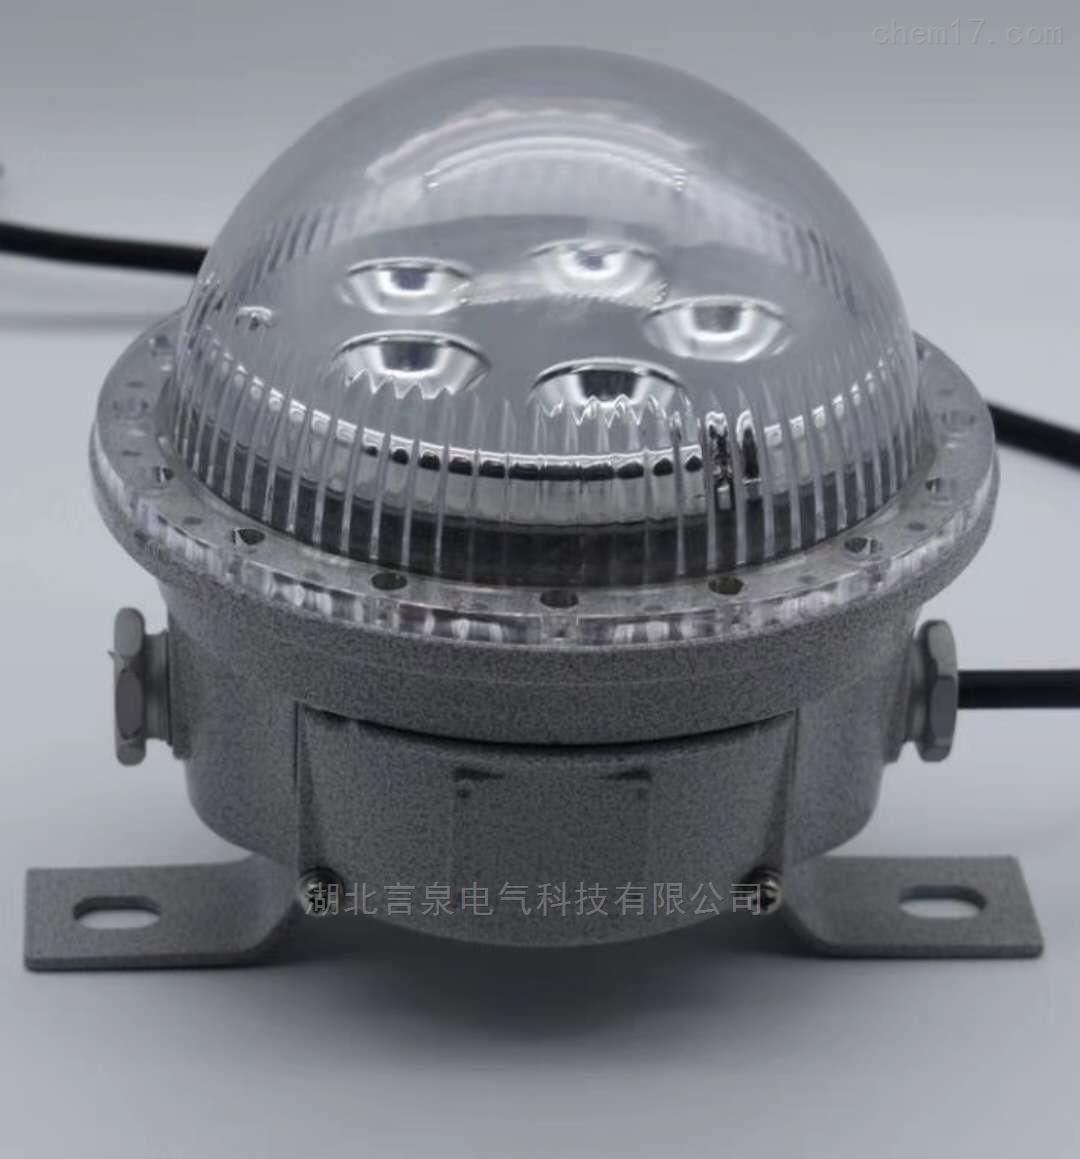 防眩泛光灯G7783B-L船舱油站固态照明灯